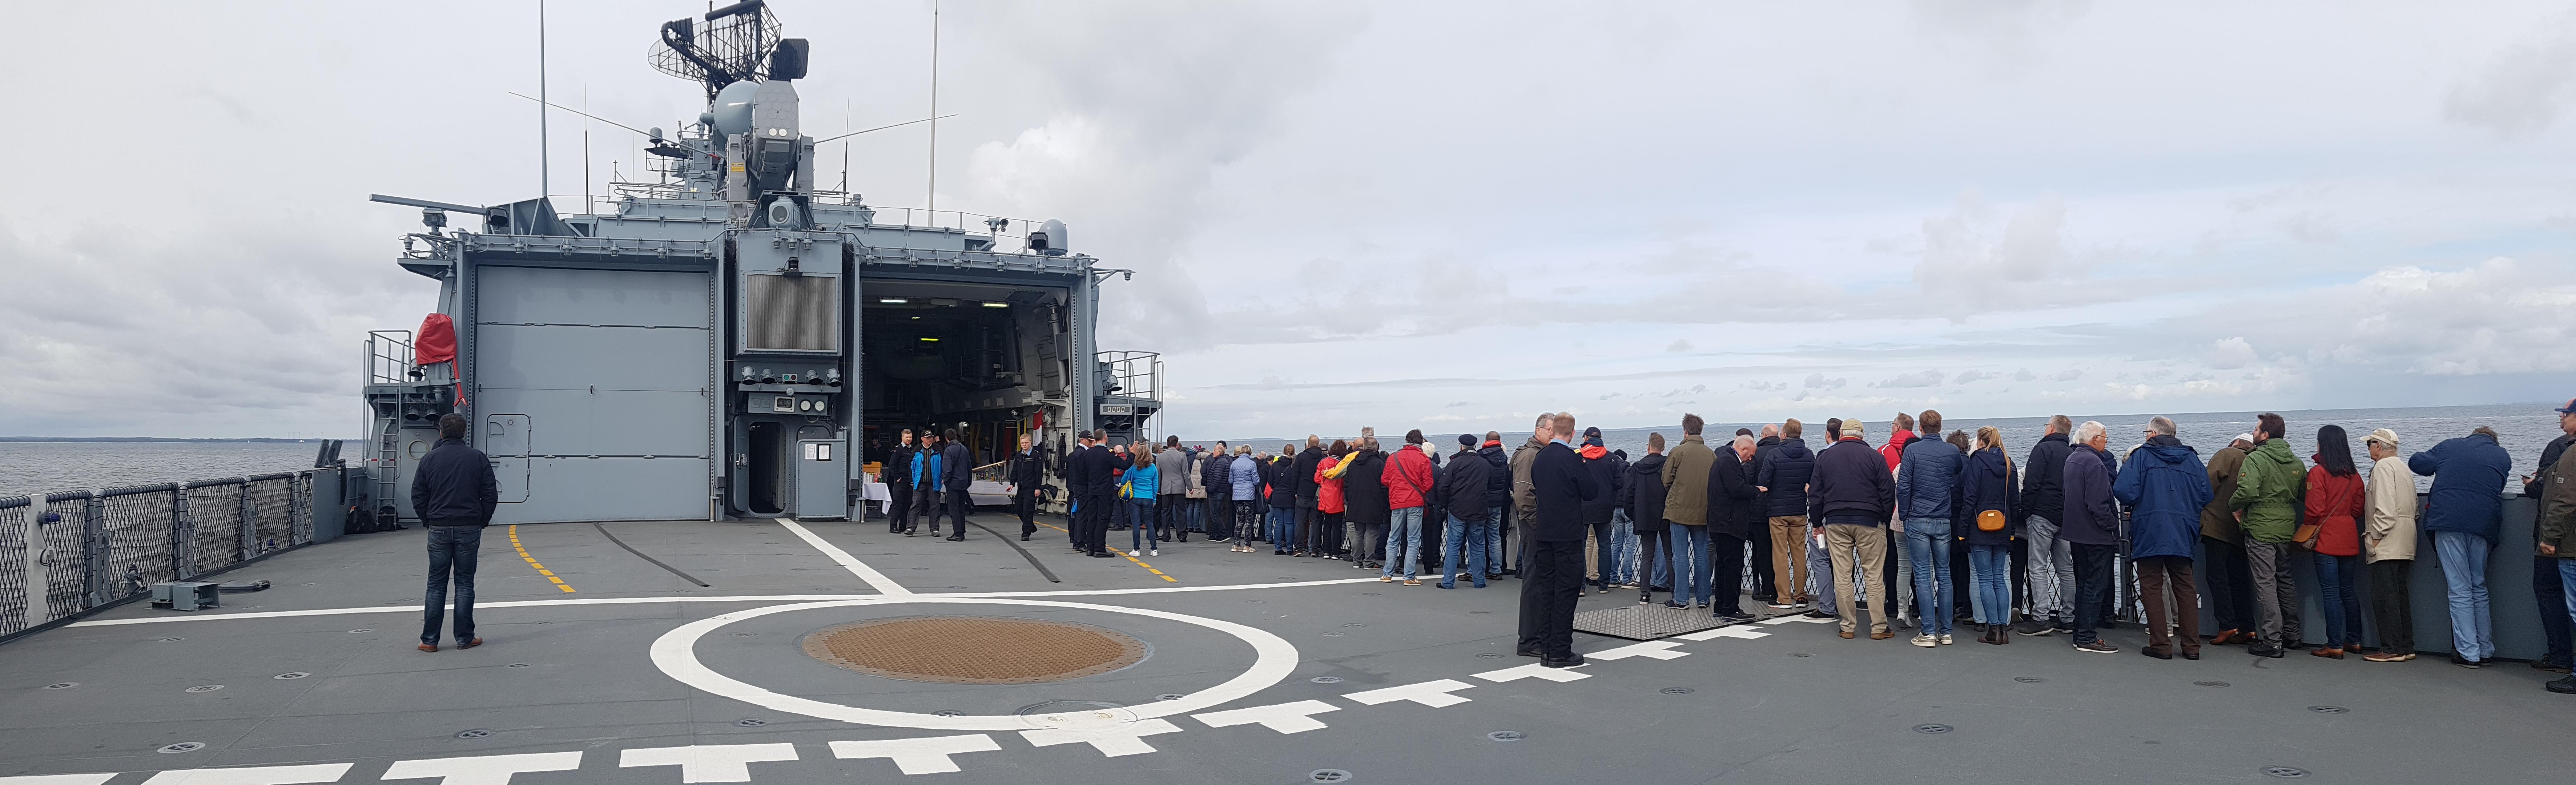 41. REUNON Marine: Ausfahrt mit der SCHLESWIG-HOLSTEIN, hier Flugdeck der Fregatte, 24. September 2018 auf der Kieler Förde/ Bucht. Foto: May-Barg.